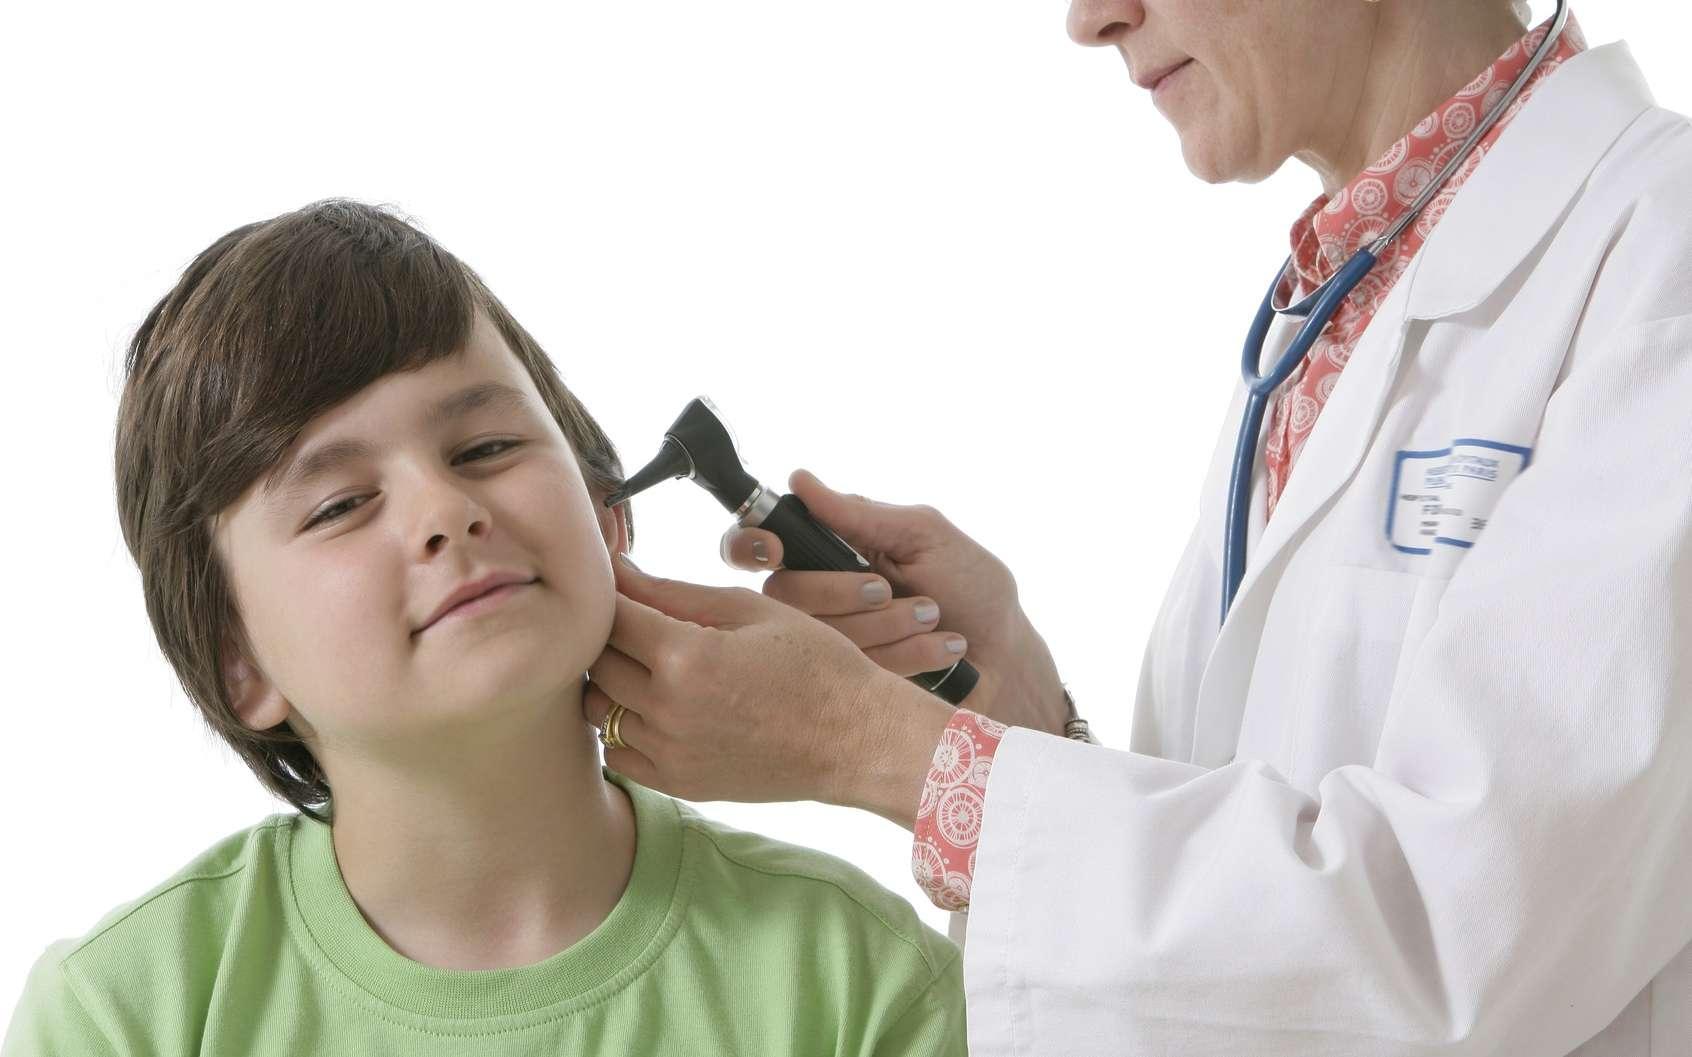 L'otite séreuse est caractérisée par la présence de liquide derrière le tympan. Elle peut être à l'origine de troubles de l'audition. © JPC-PROD, Fotolia